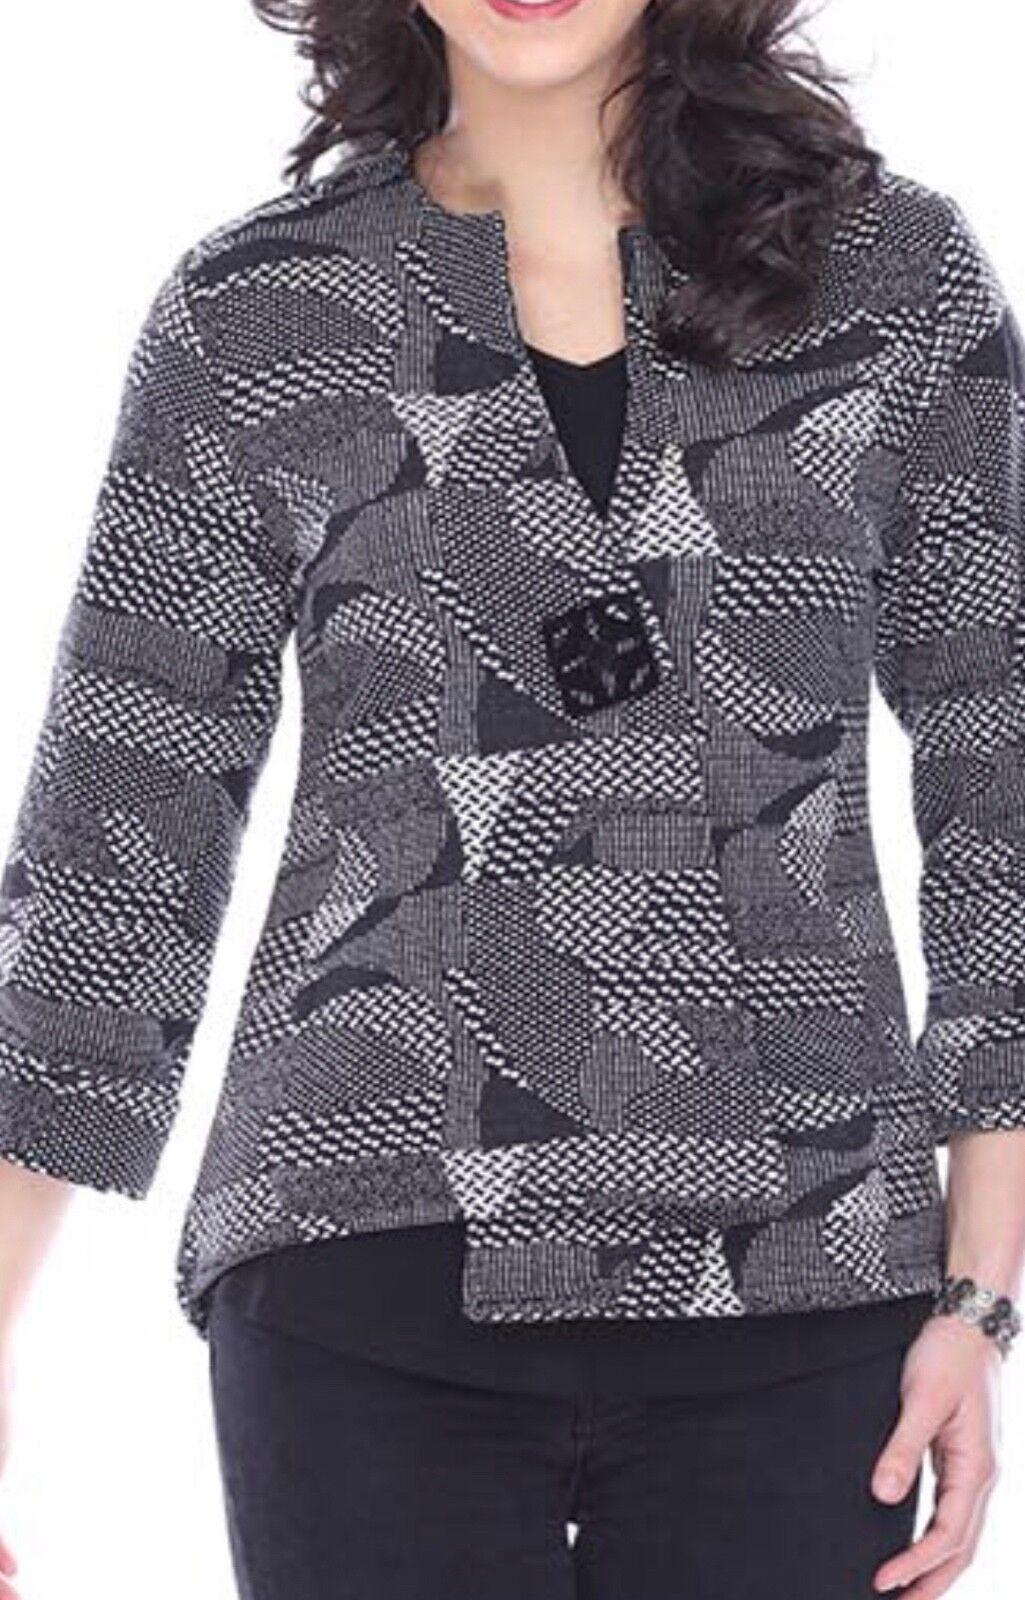 NEW Parsley&Sage Plus Hazel Jacket Blazer Fancy Button Top Fall Winter 1X schwarz